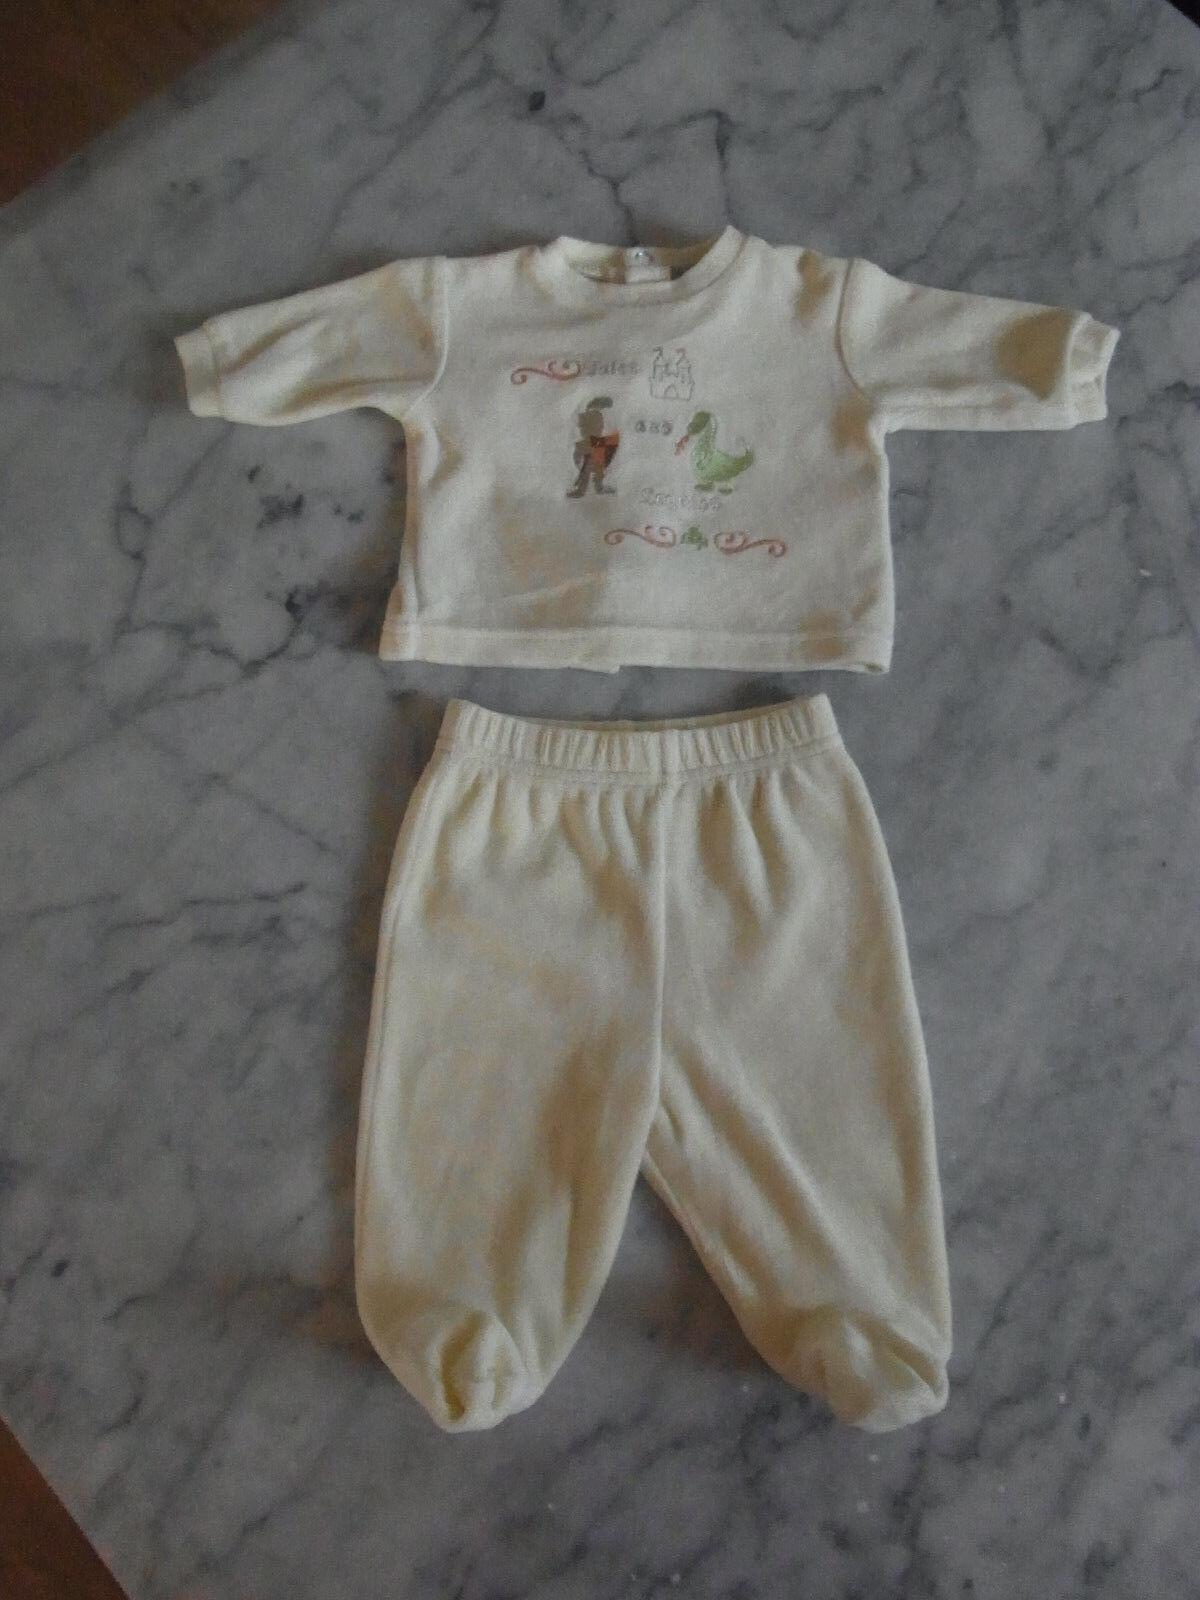 Schlafanzug - Samtanzug - zweiteiliger Schlafanzug - Größe 50 / 1 Monat